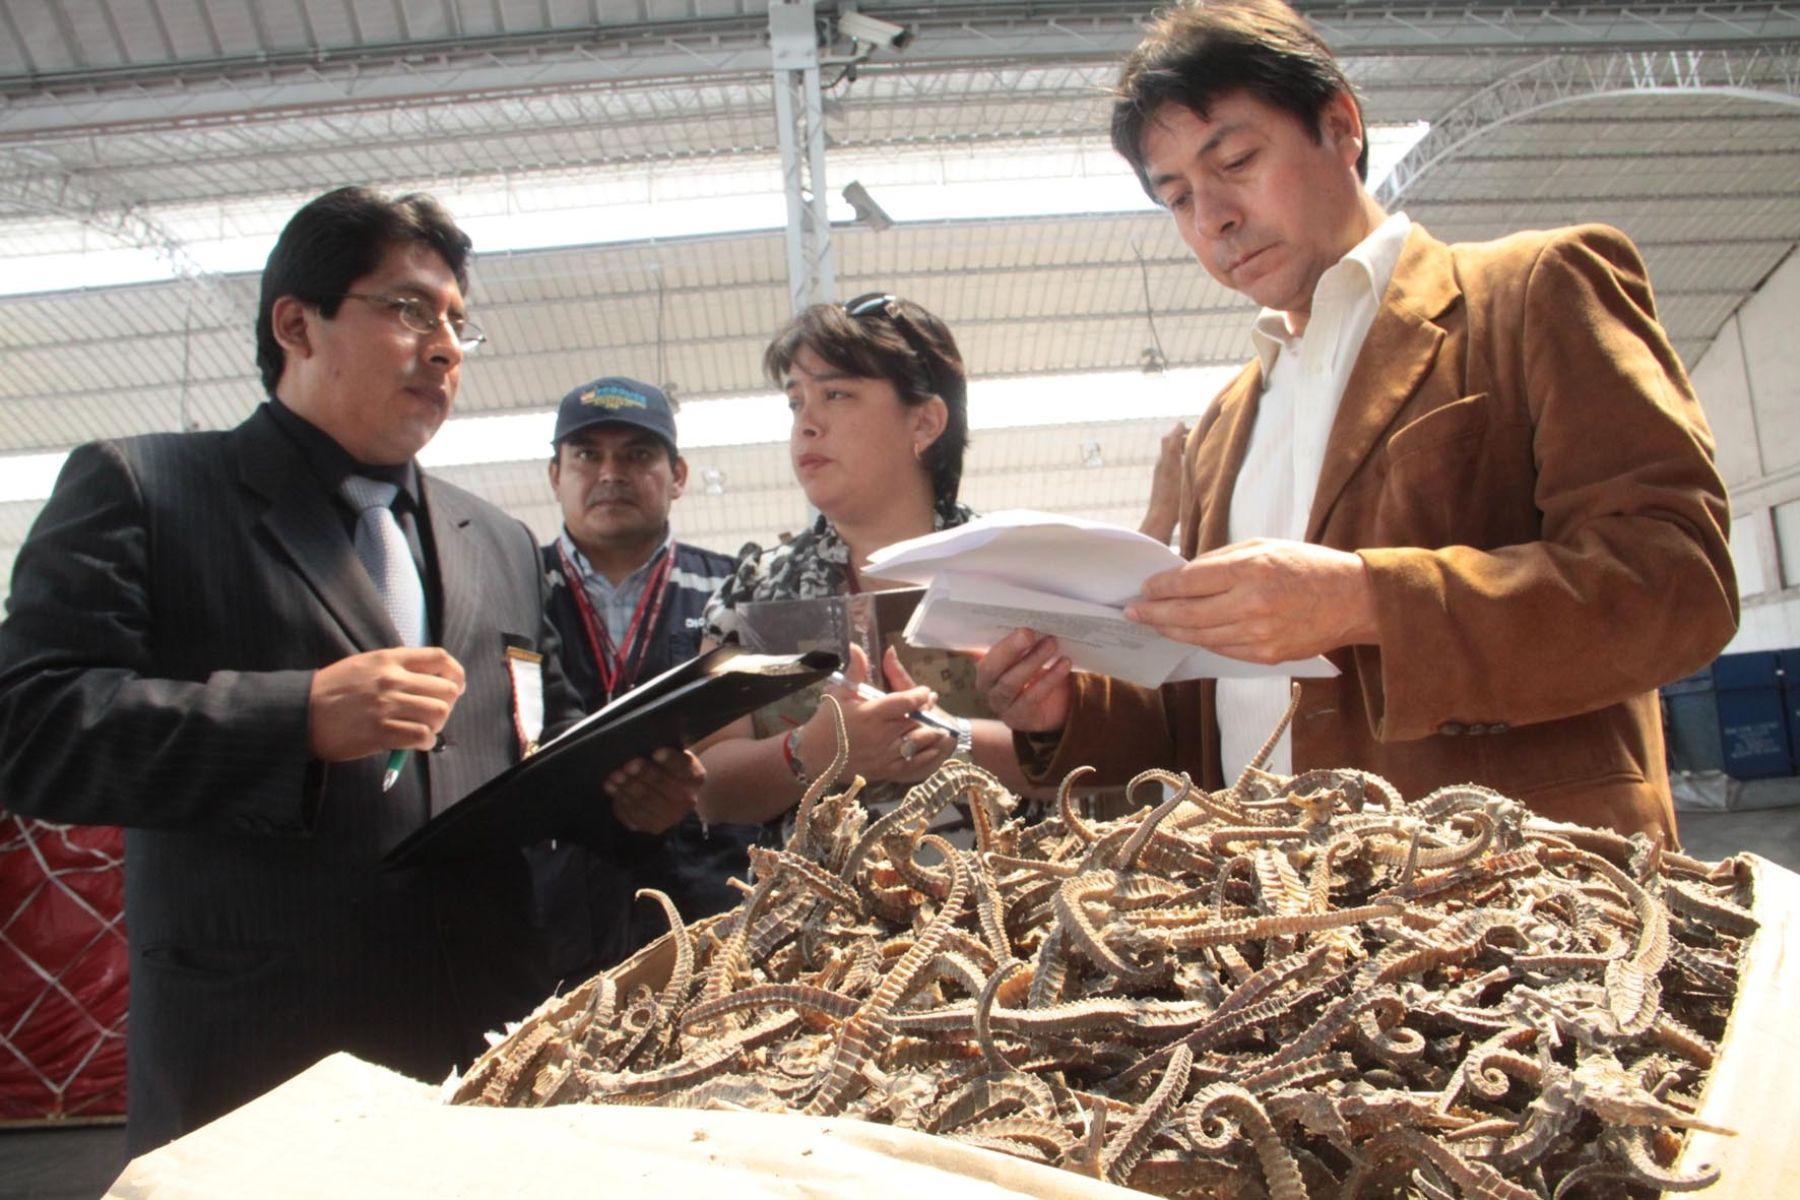 Funcionarios del Ministerio de la Producción y de la Sunat decomisaron un cargamento de más de 25,000 caballitos de mar. Foto: ANDINA(Difusión.